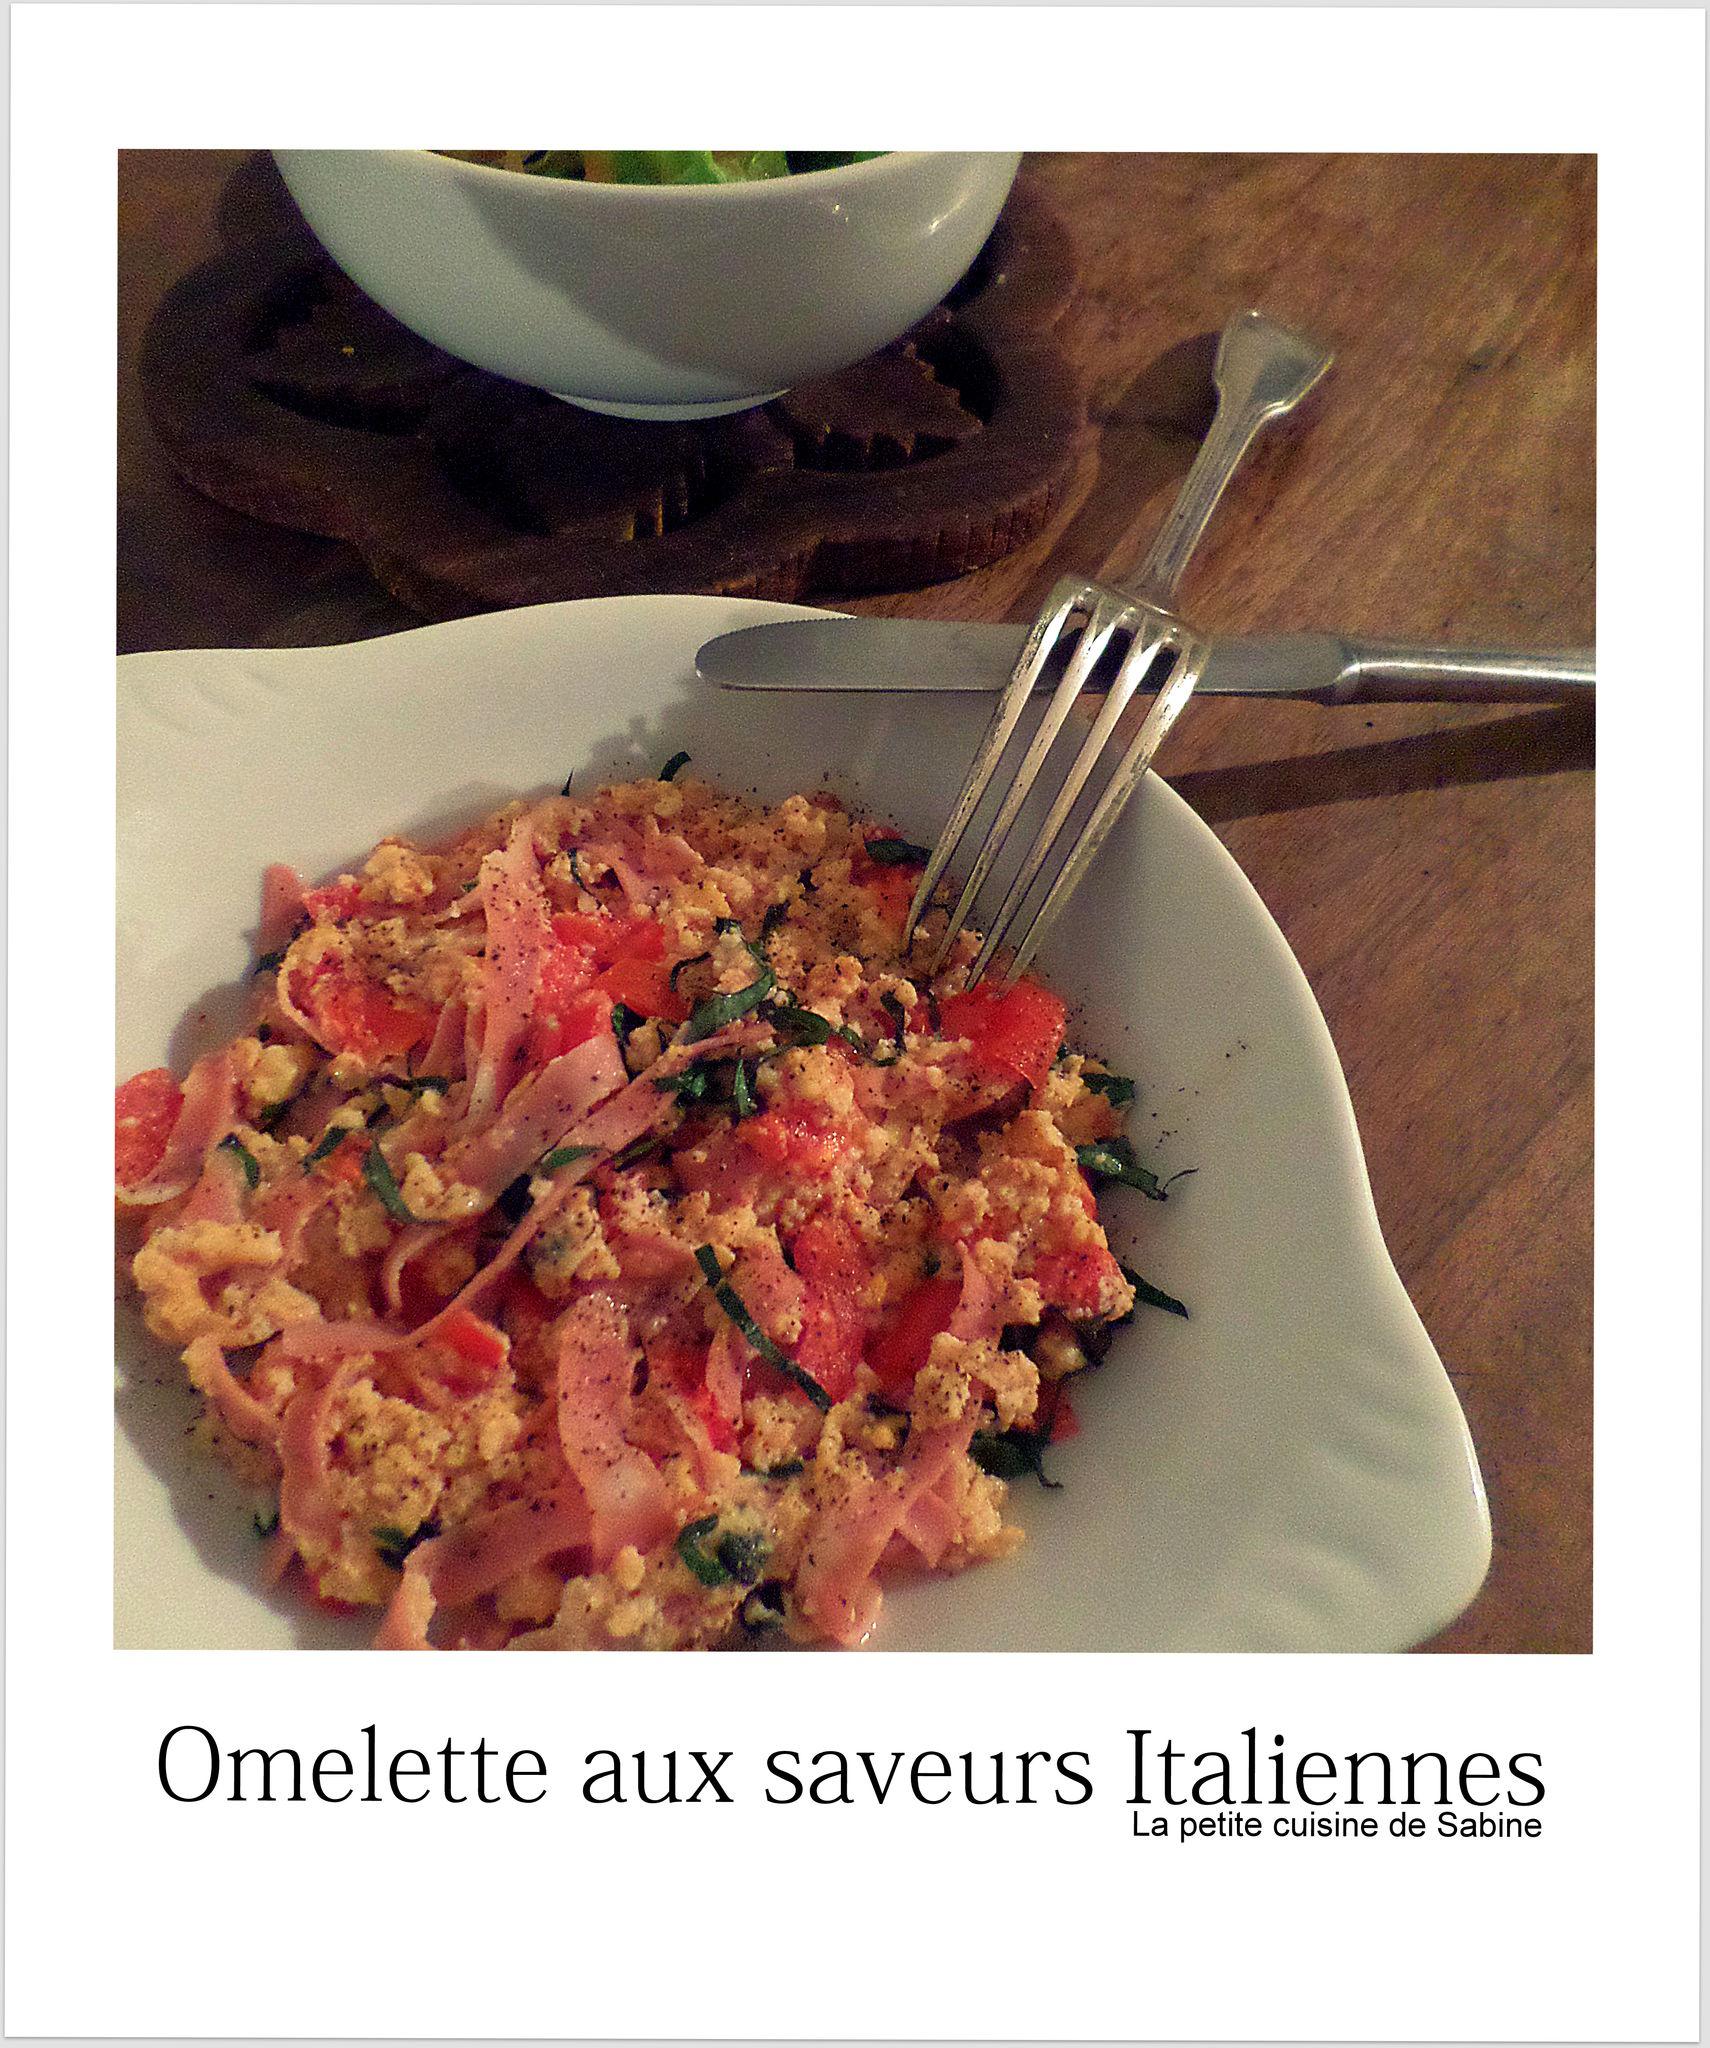 Omelette aux saveurs italiennes la petite cuisine de sabine for La cuisine de clea